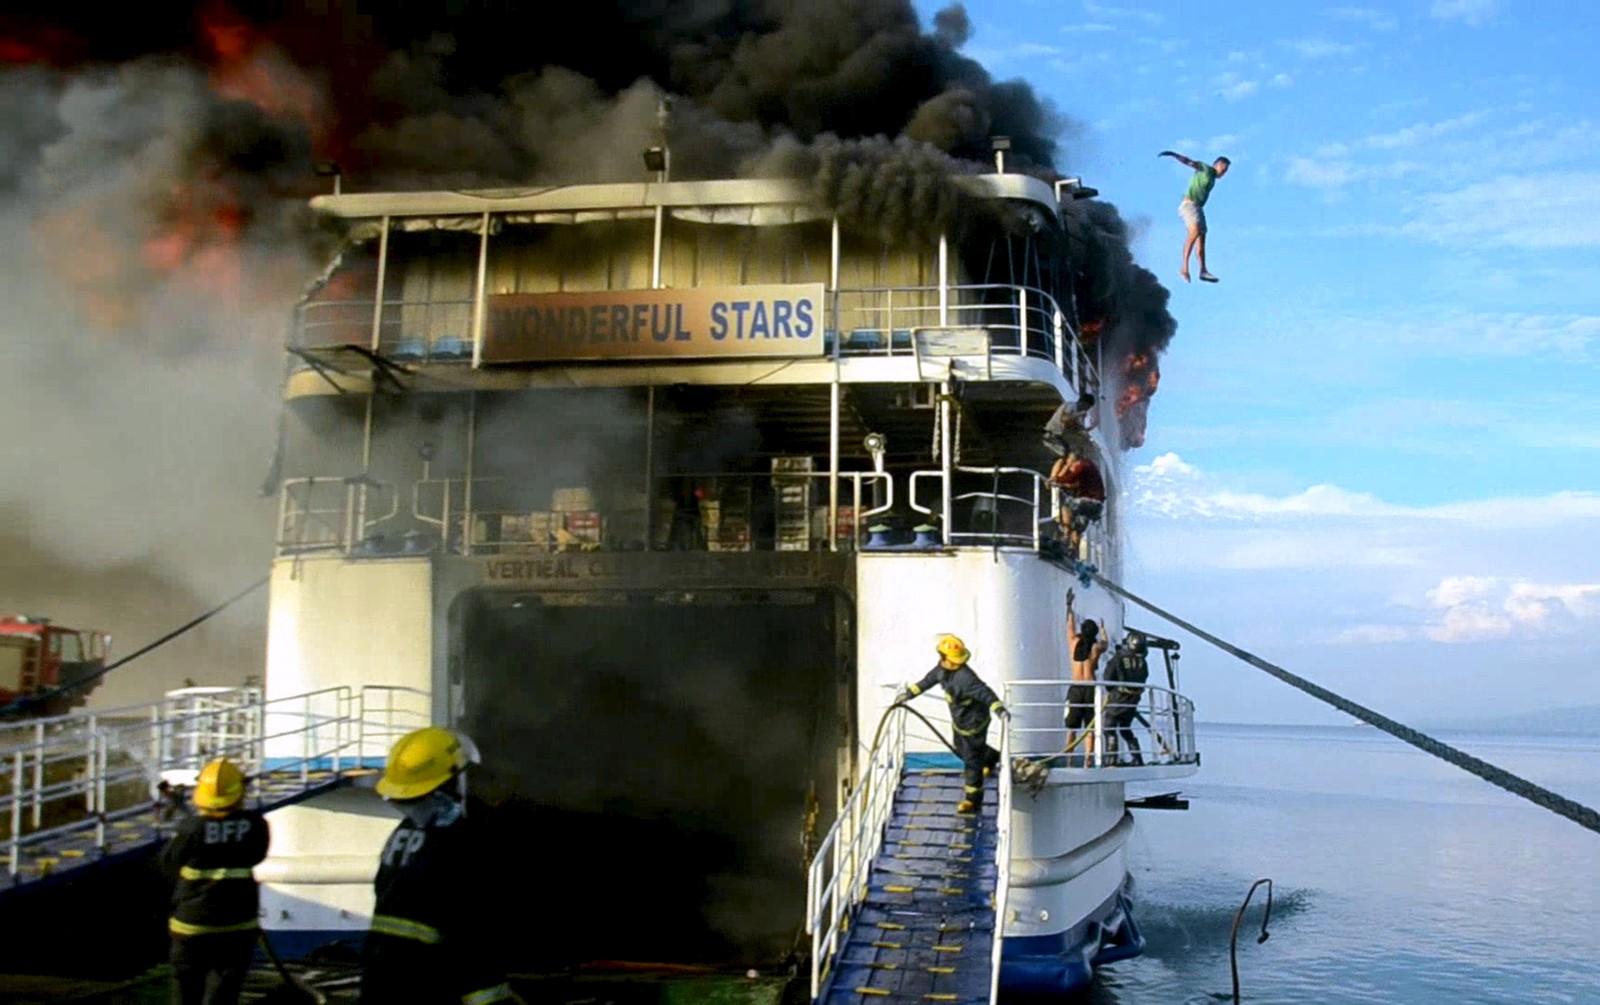 Et medlem av mannskapet fra MV Wonderful Stars hopper ut av det brennende skipet ved havna i Ormoc, Fillippinene 15. august. De 544 passasjerene ble trygt evakuert, mens tre av mannskapet på skipet ble skadd.